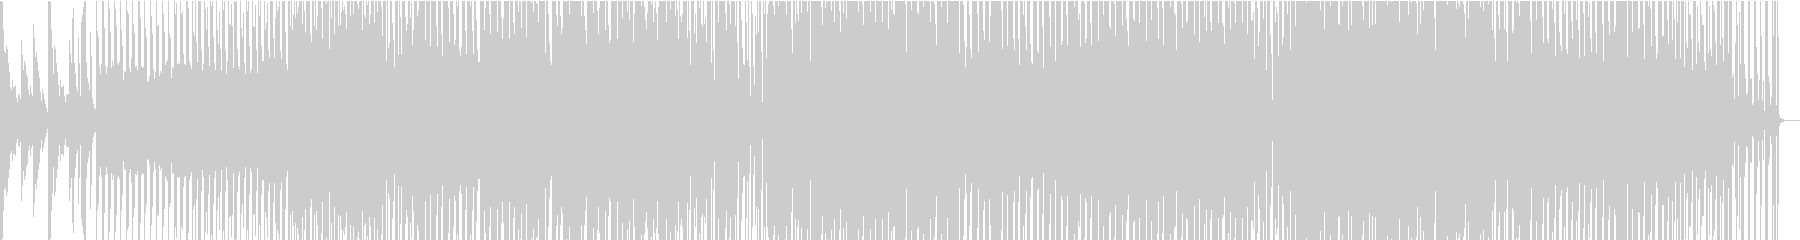 スローなJpop風浮遊感のあるバラードの未再生の波形